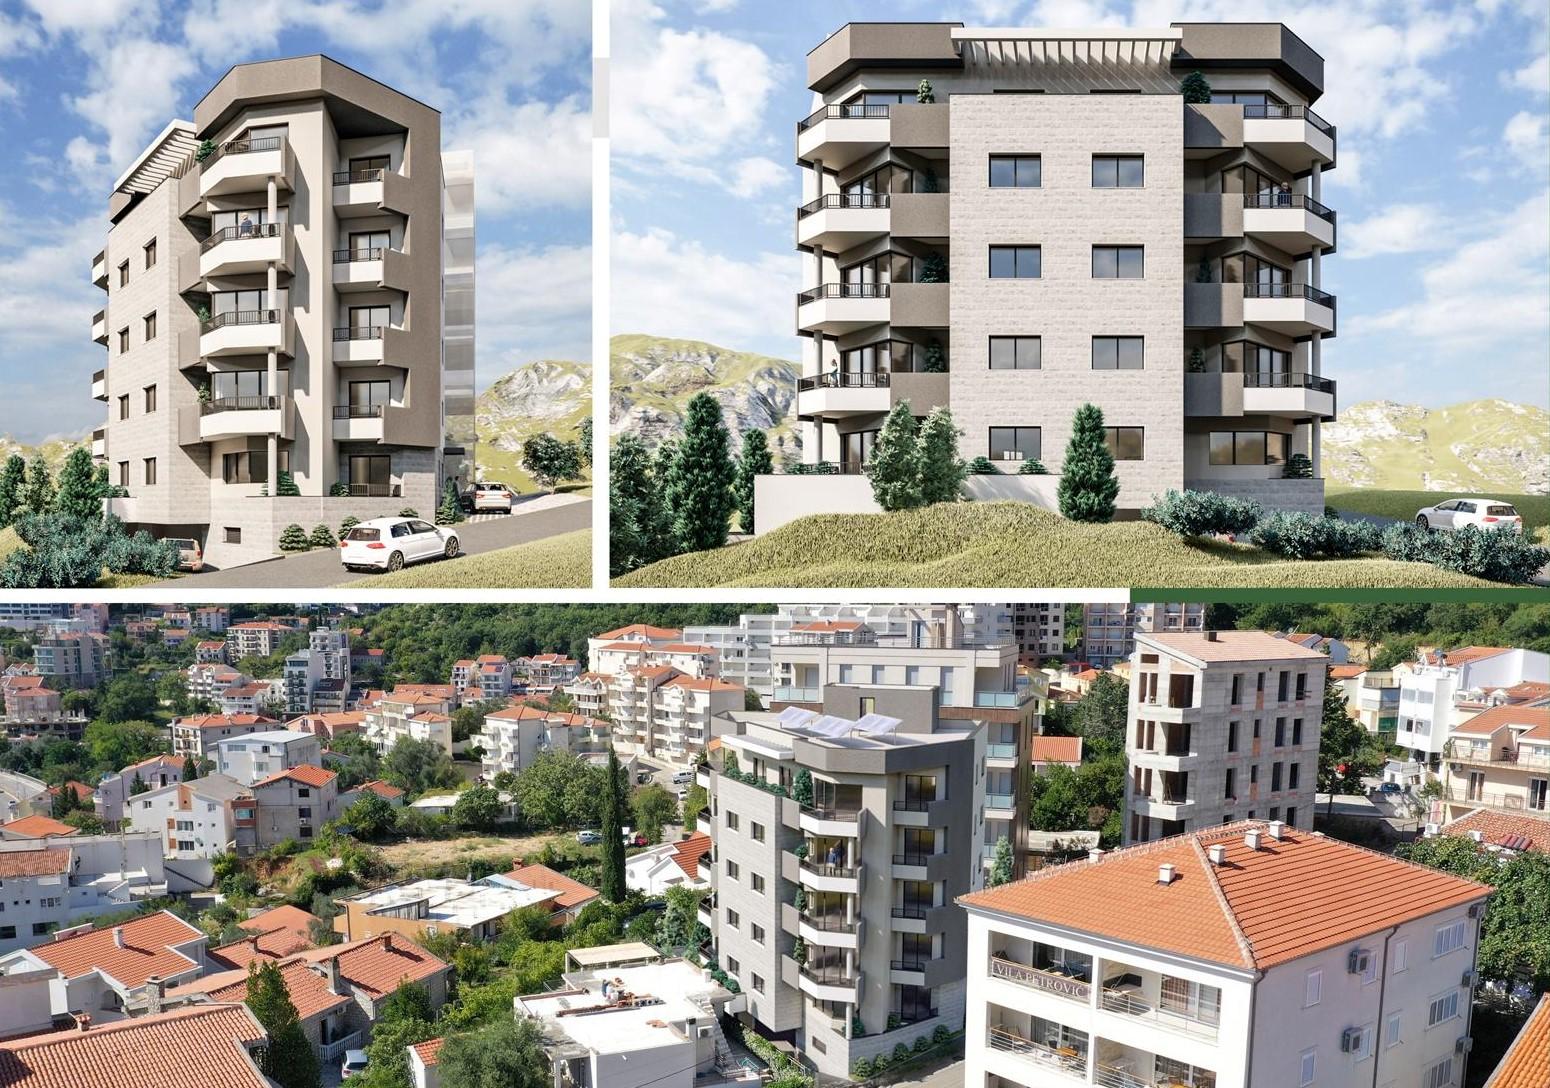 amforaproperty.com/Stanovi u Bečićima na odličnoj lokaciji blizu mora. Novogradnja, pogled.